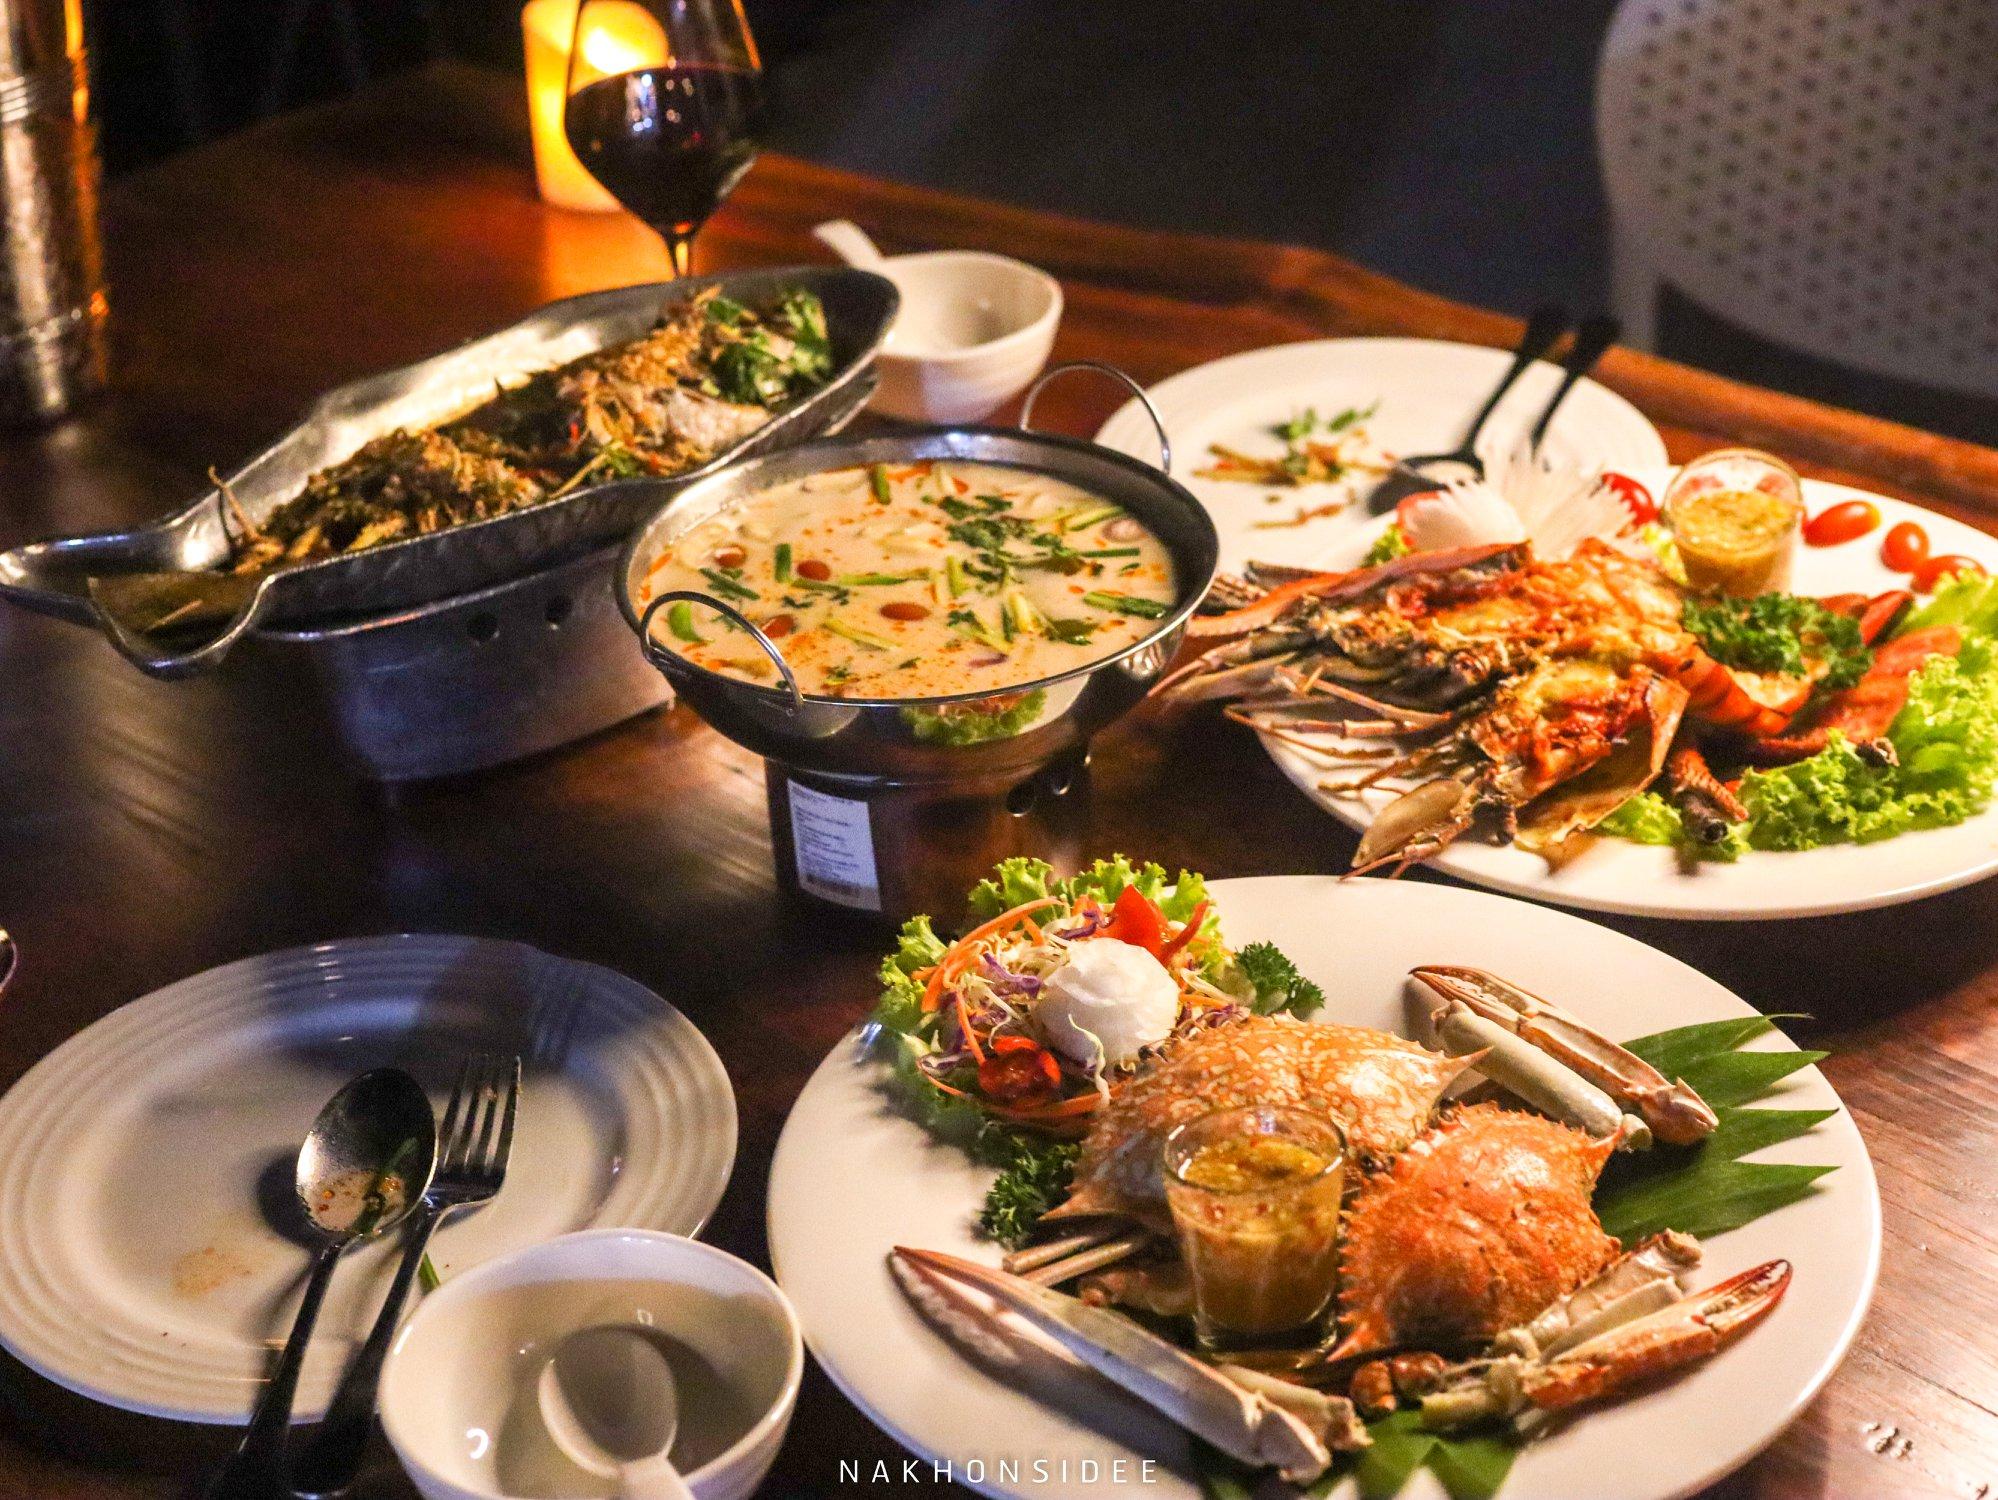 ร้านอาหารทะเล,นครศรีธรรมราช,ซีฟู๊ด,อร่อย,เด็ด,กุ้ง,ดินเนอร์